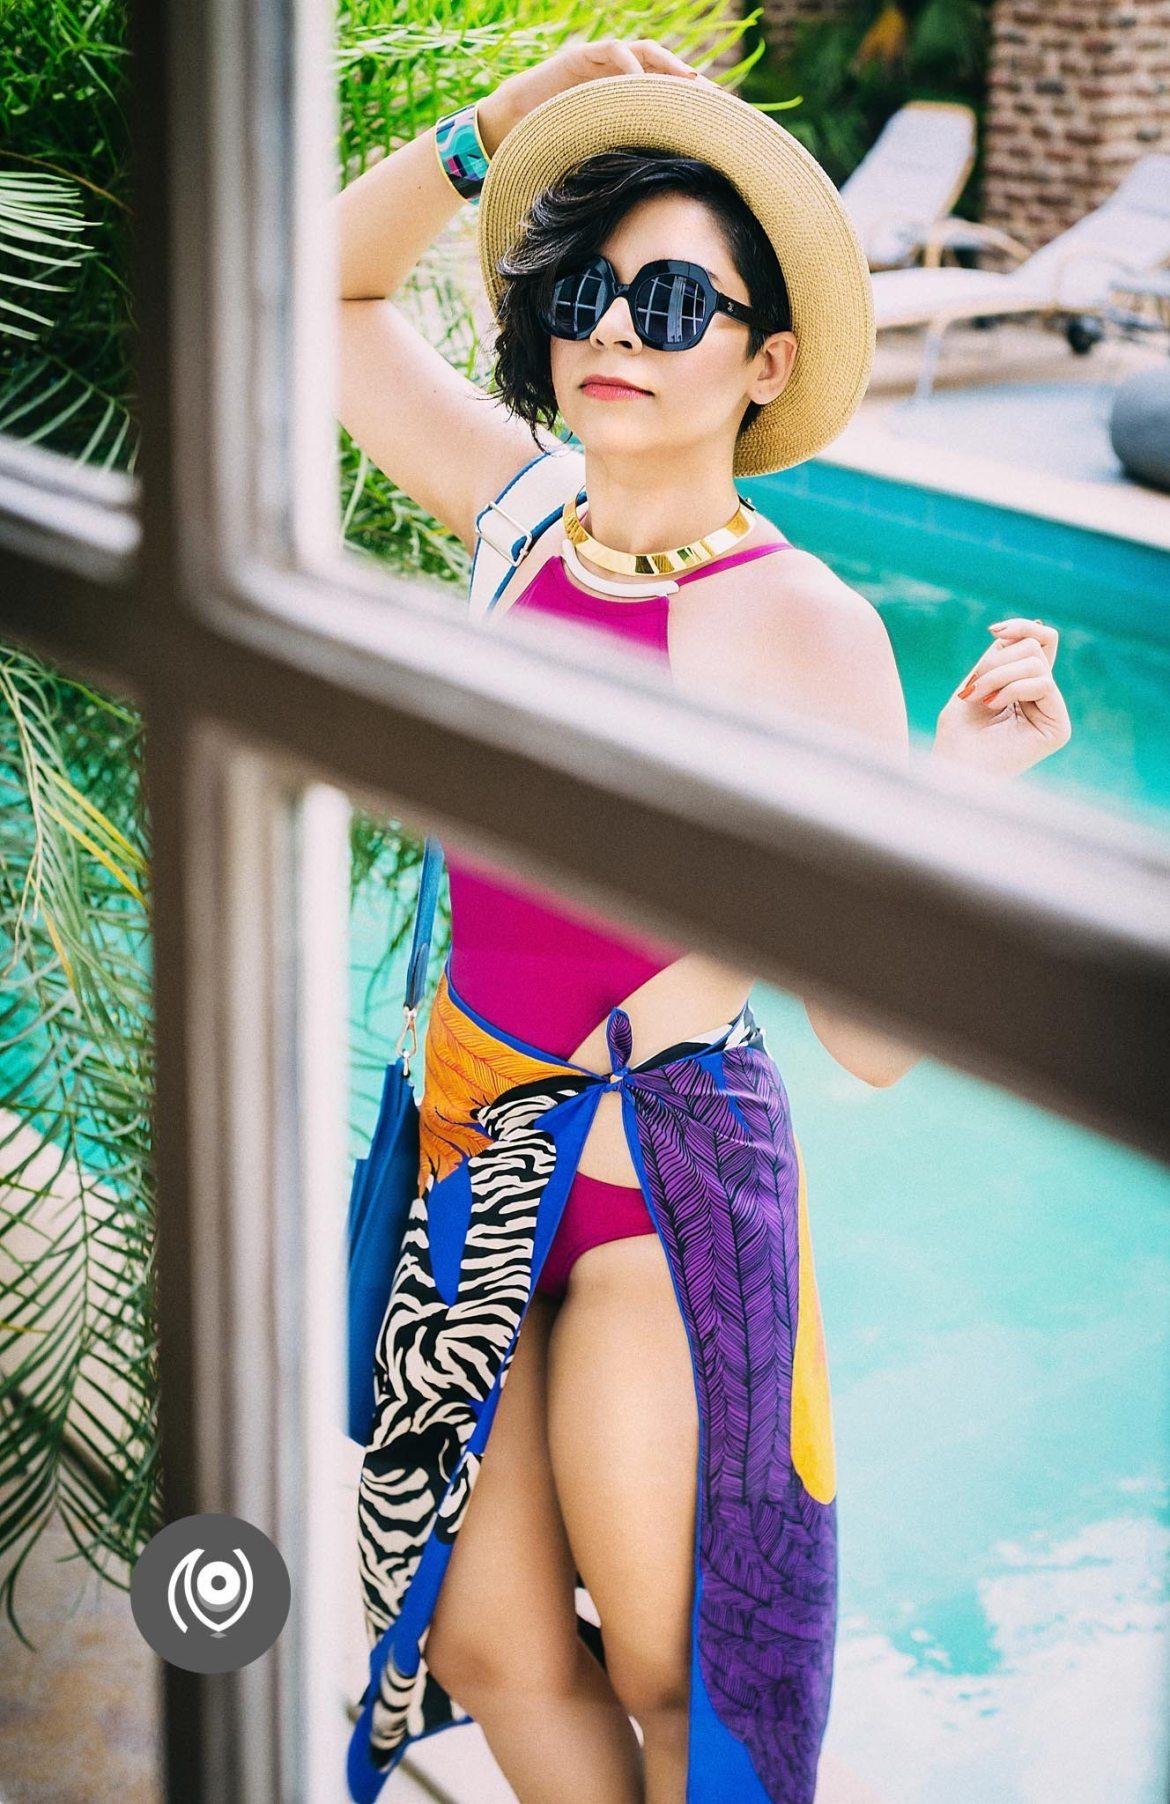 #CoverUp 40, Hermes Swimwear, Poolside Blue Brilliance, #EyesForLuxury, Naina.co Luxury & Lifestyle, Photographer Storyteller, Blogger.